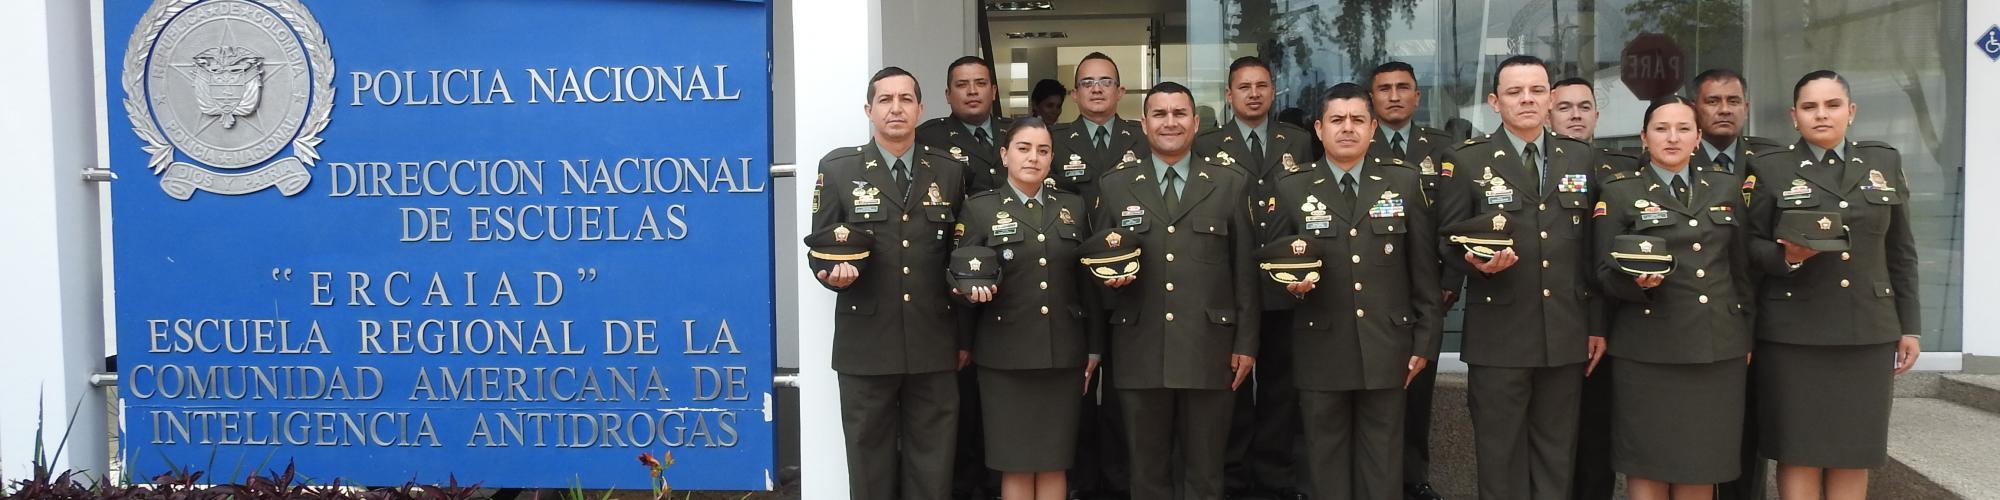 Escuela Regional de la Comunidad de Inteligencia Antidrogas ERCAIAD